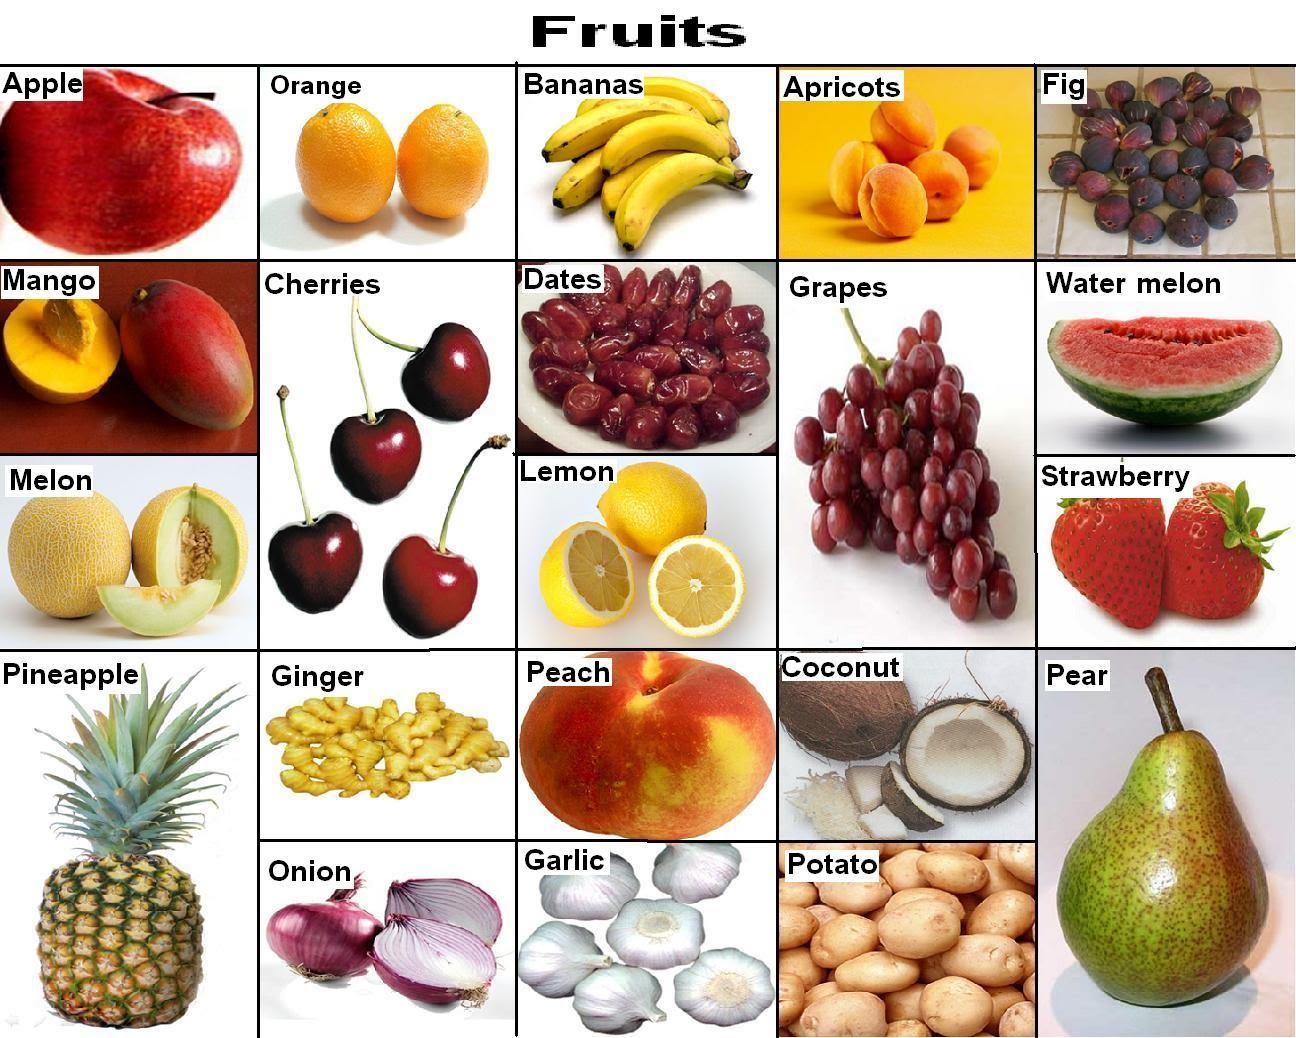 بالصور اسماء الفواكة الفاكهة بالانجليزي 20160918 1794